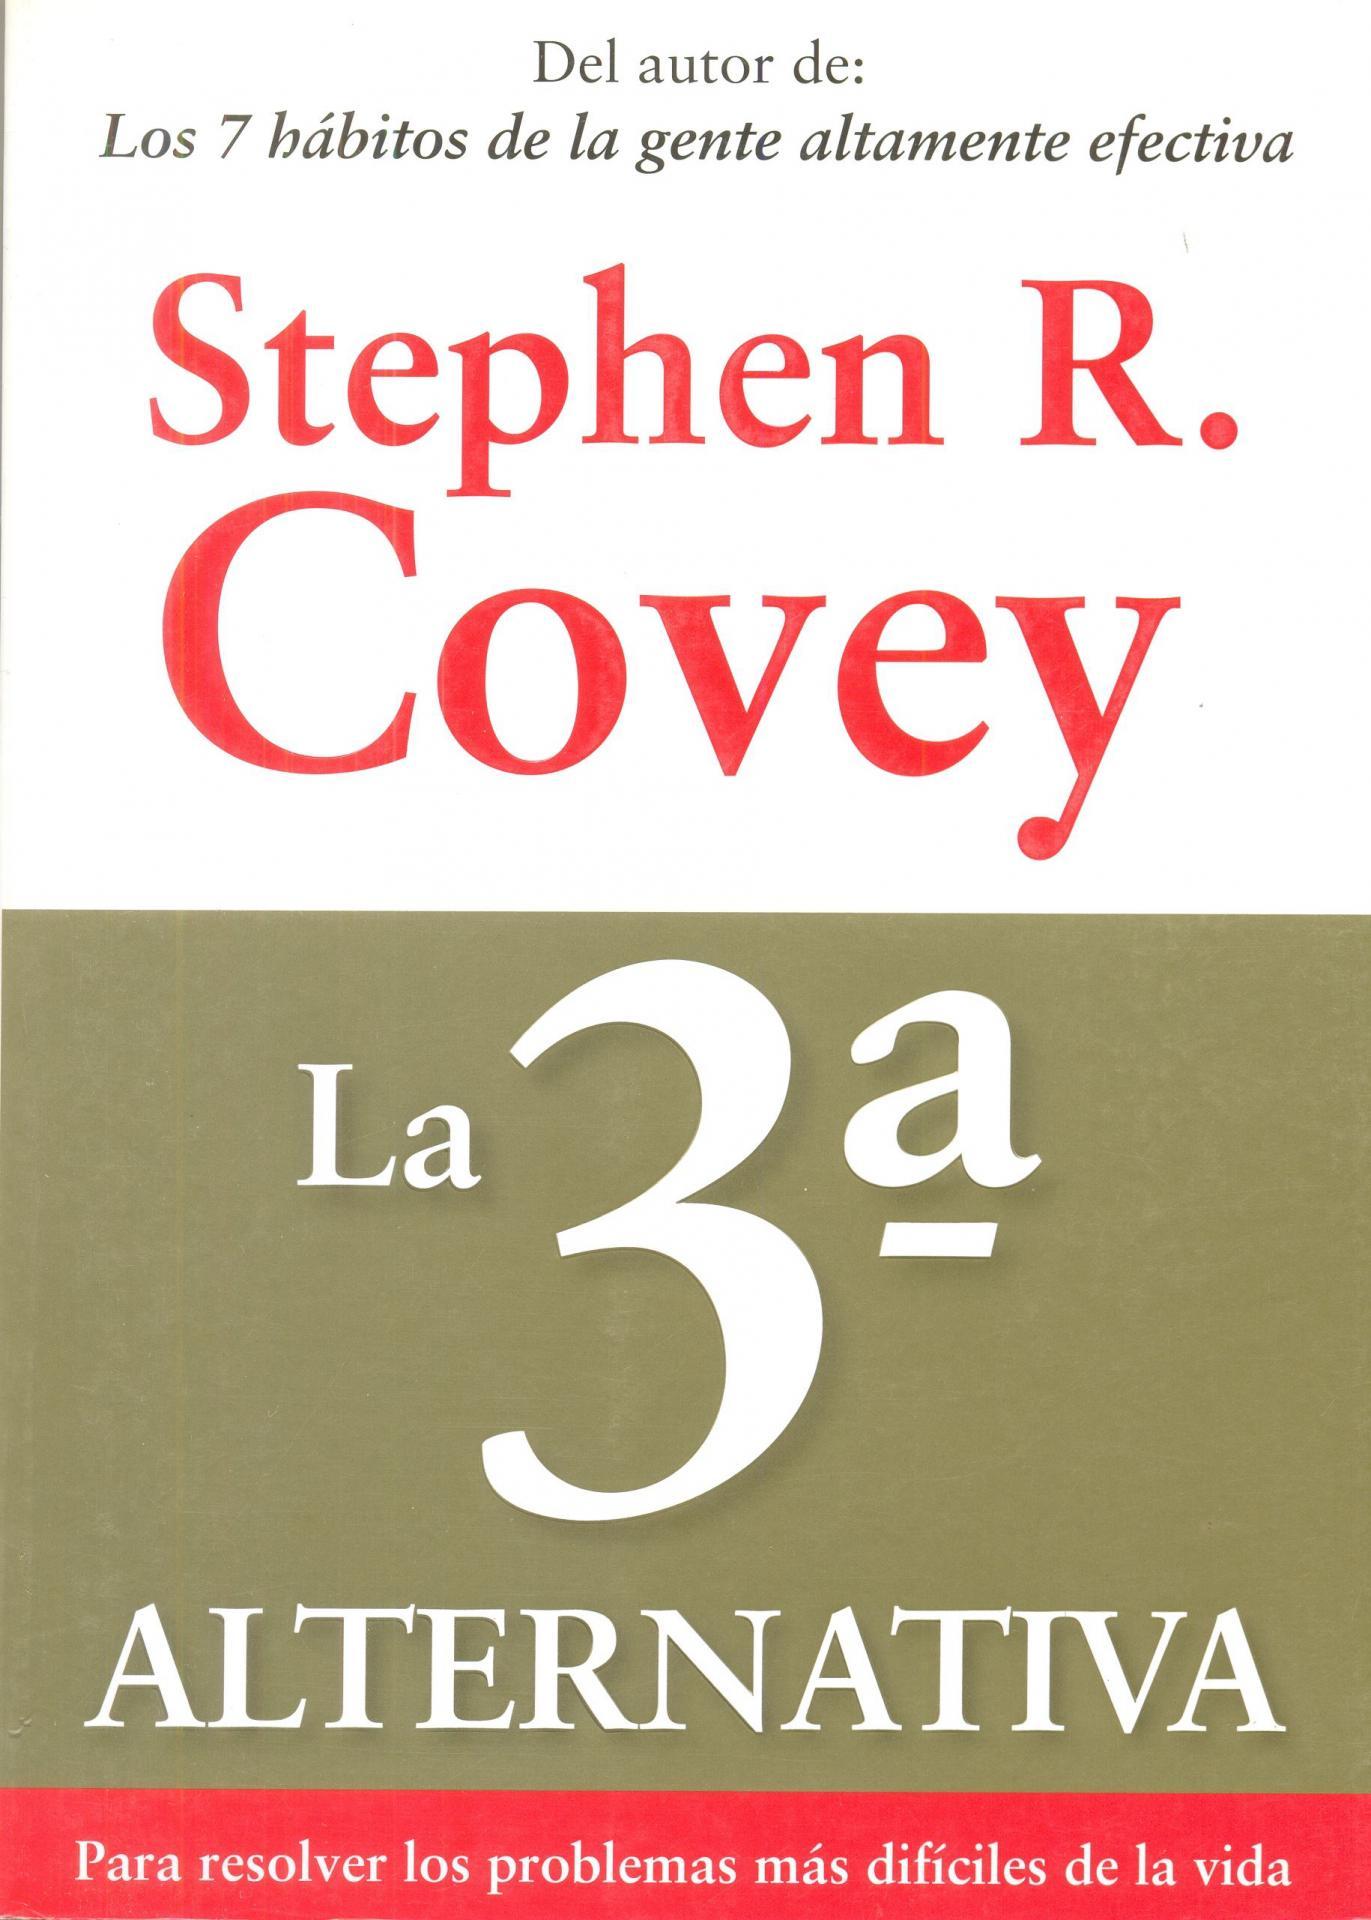 LA 3ª ALTERNATIVA. Para resolver los problemas más difíciles de la vida. Covey, S.